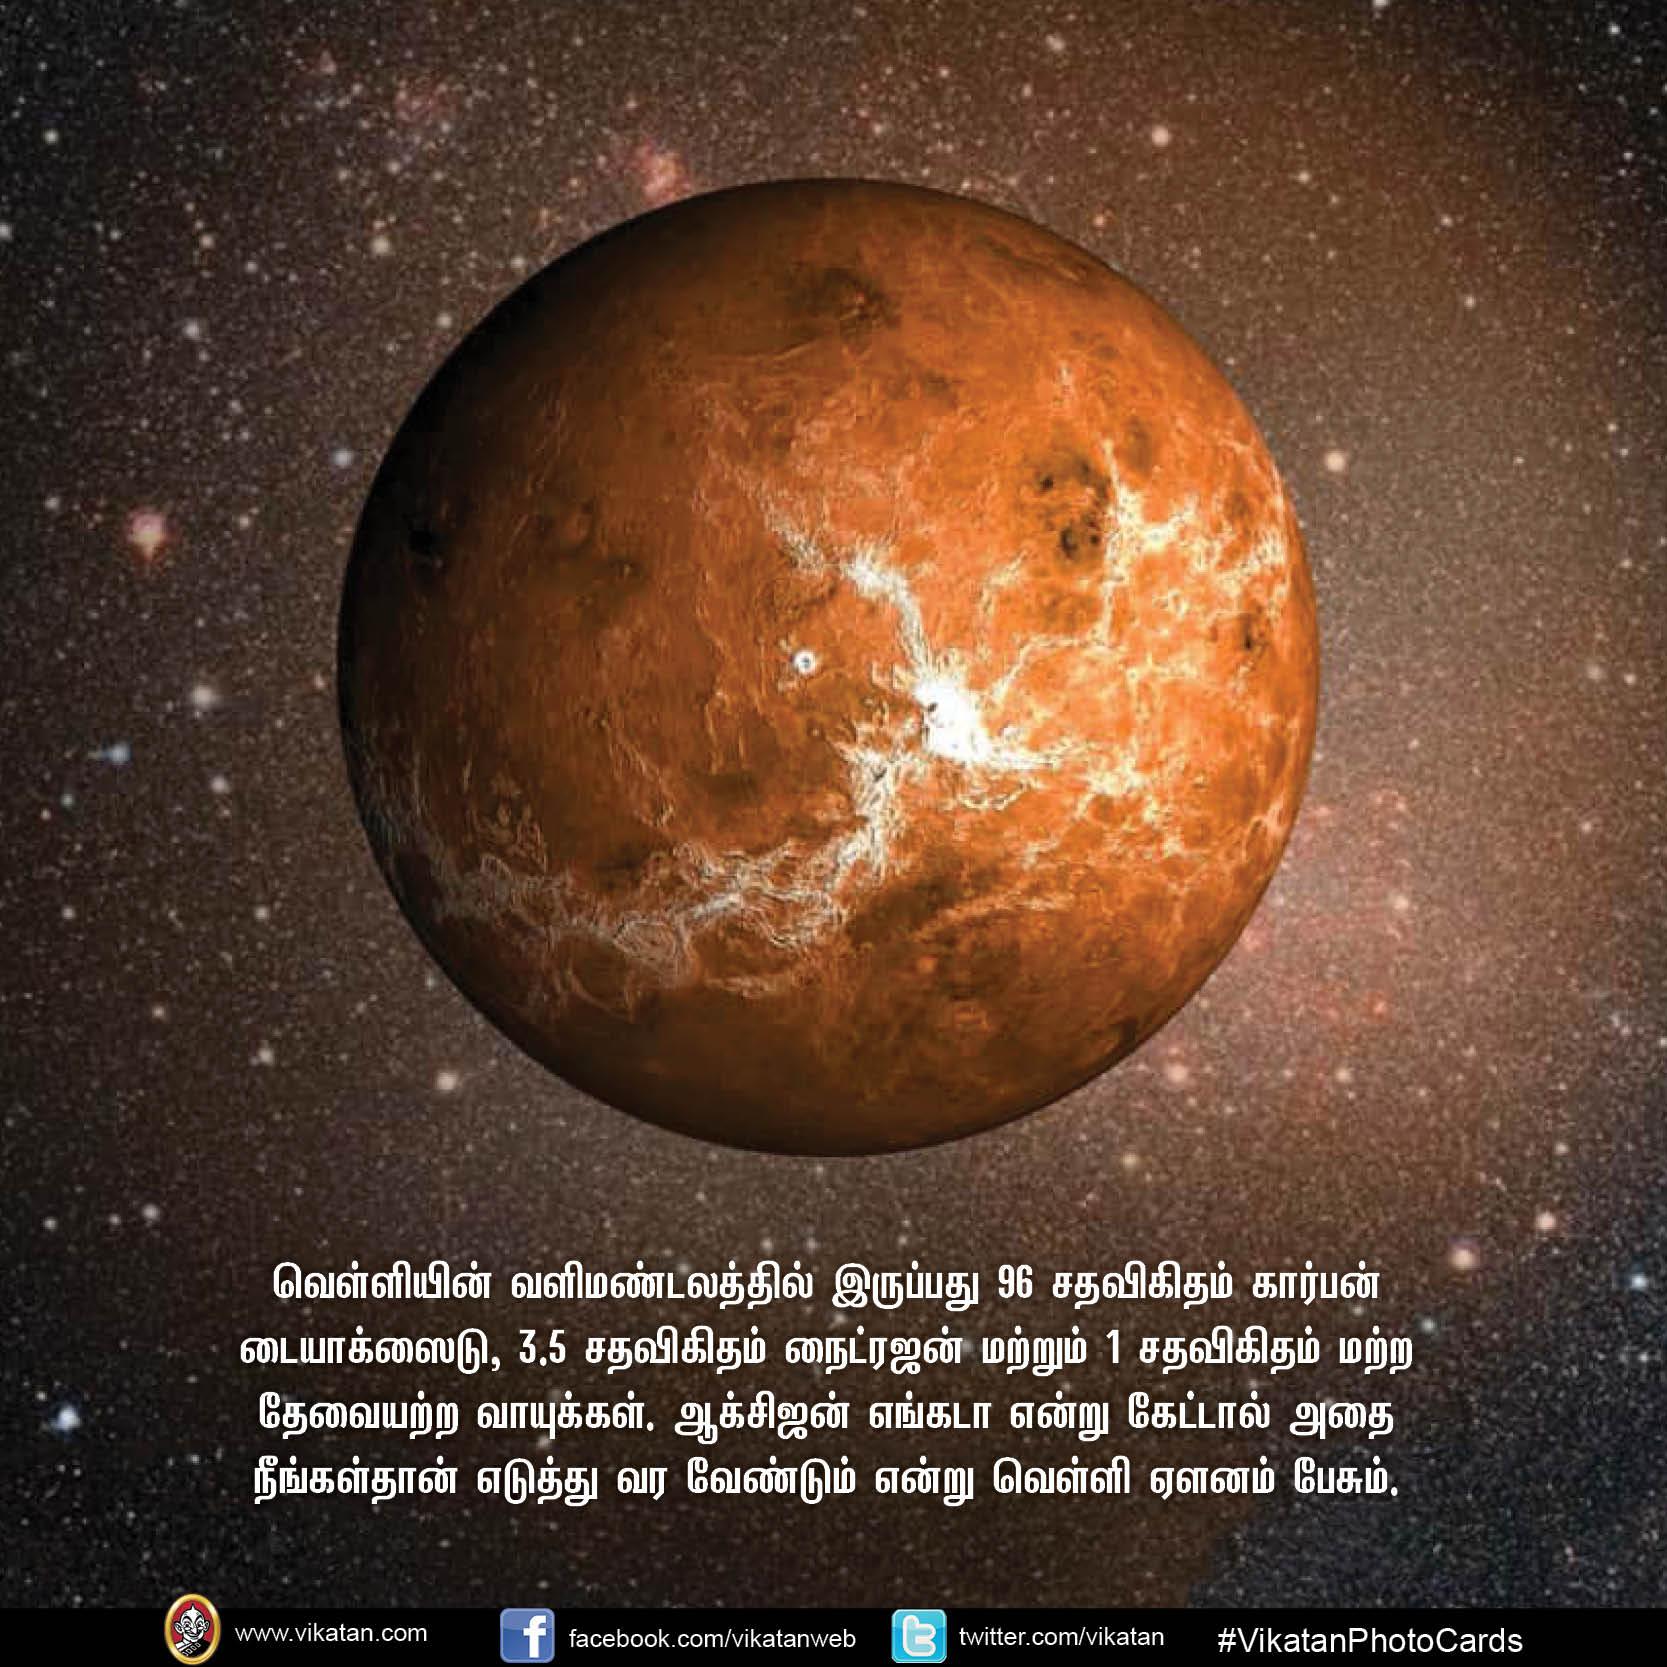 venus planet images - HD1200×800